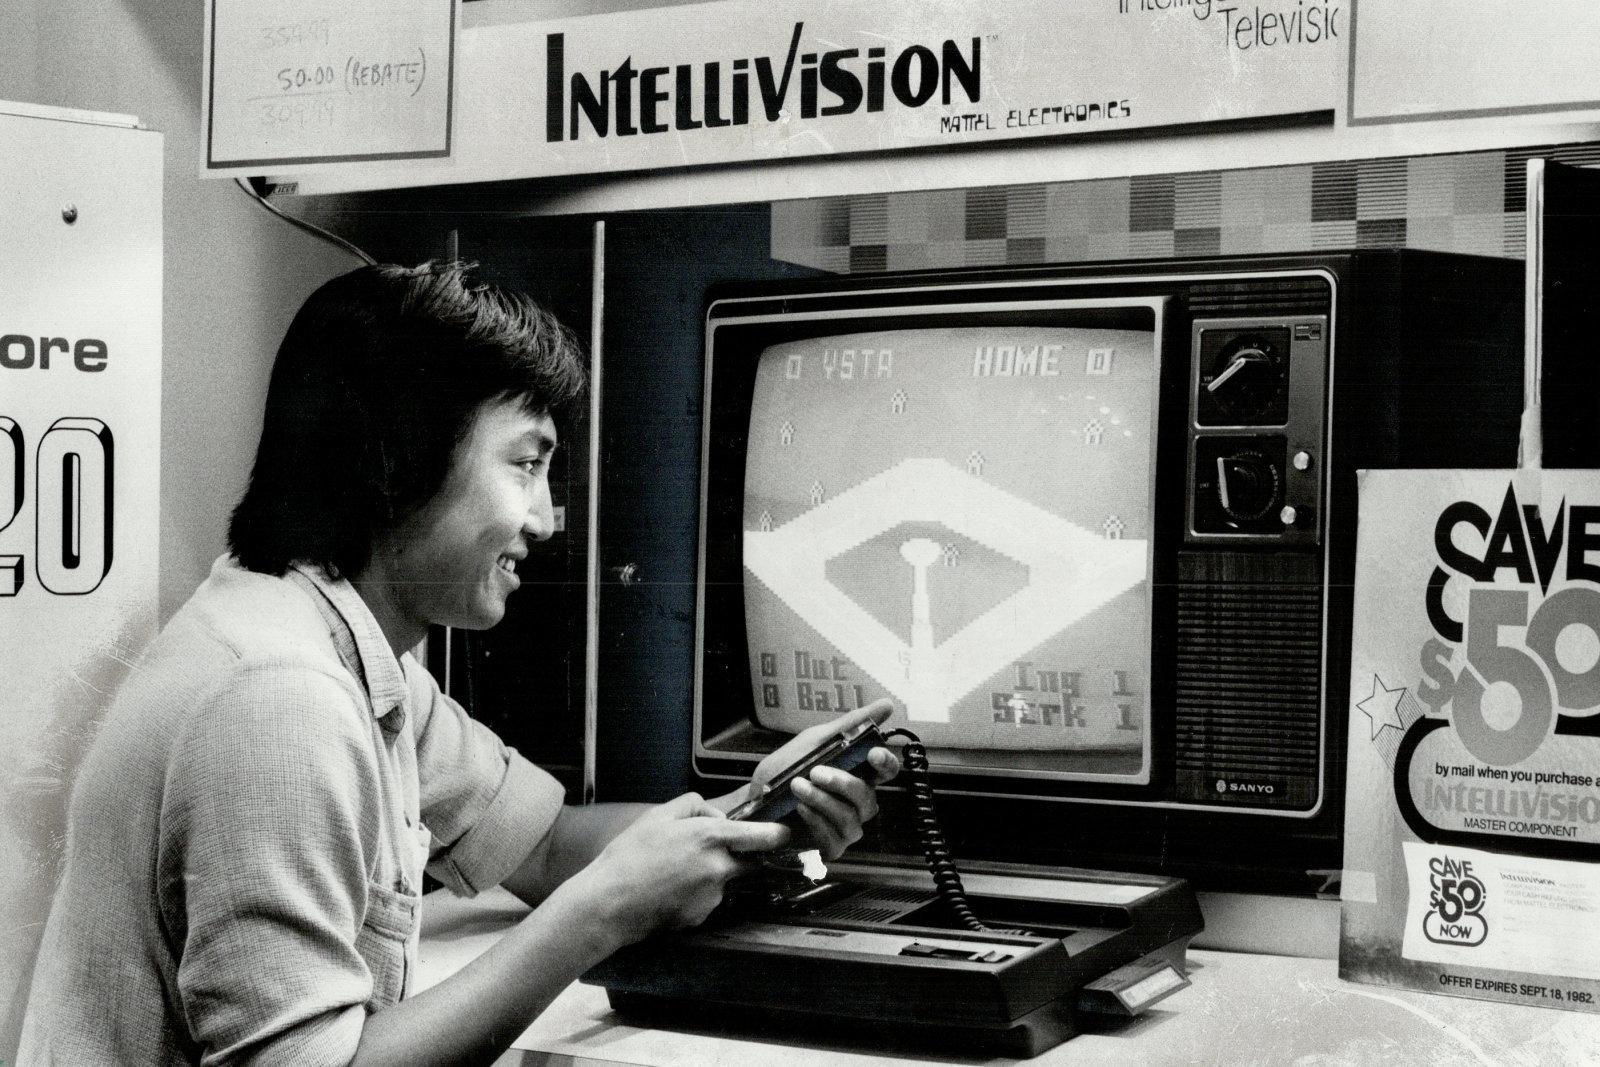 Intellivision 1979